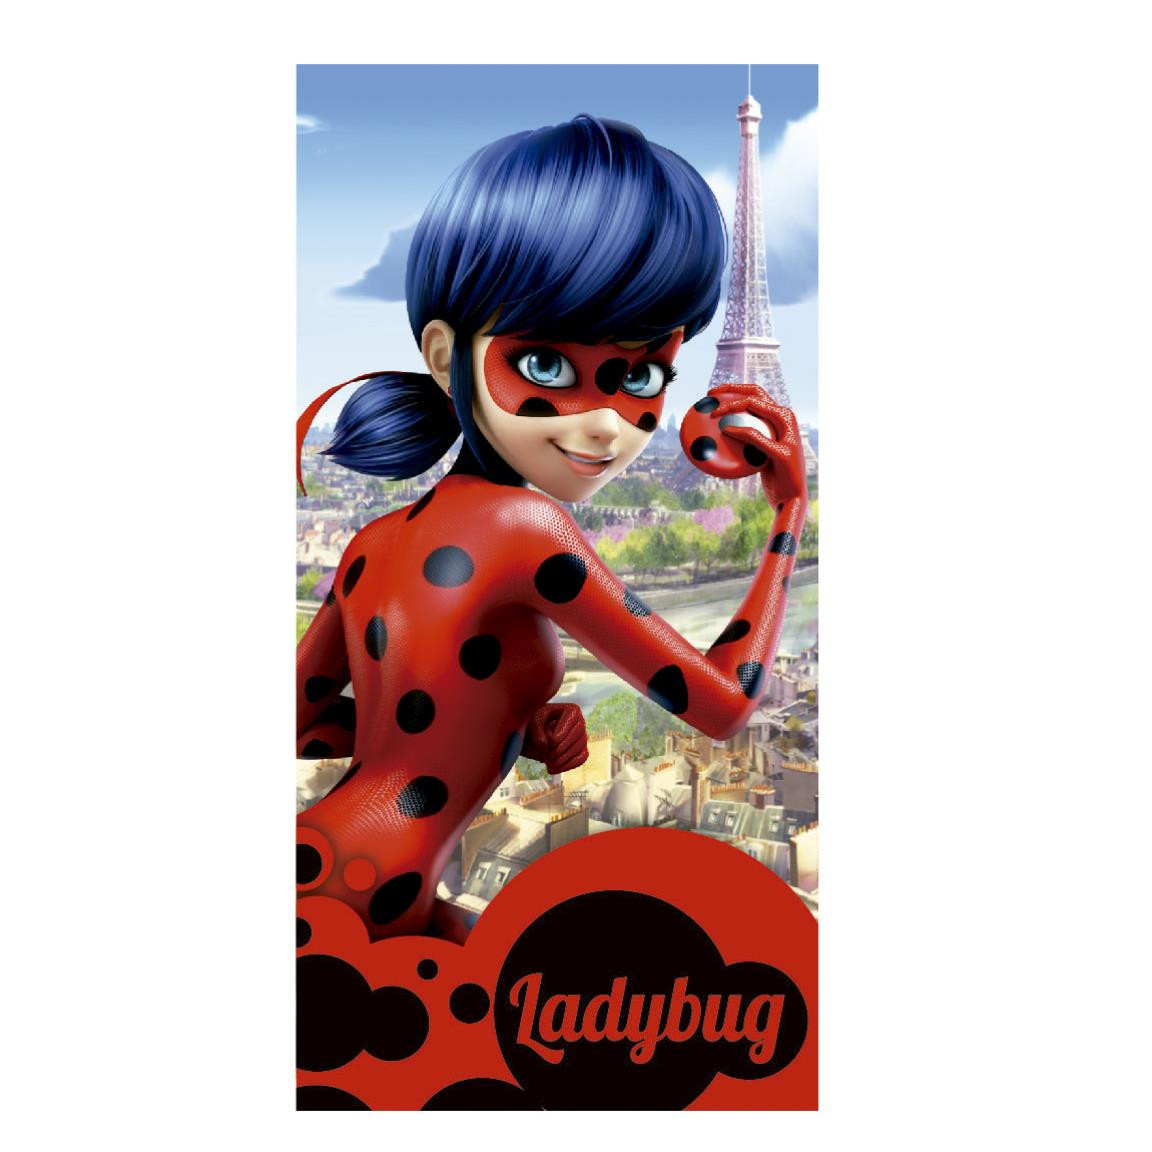 Toalla infantil Edición Ladybug en París Hogar y más